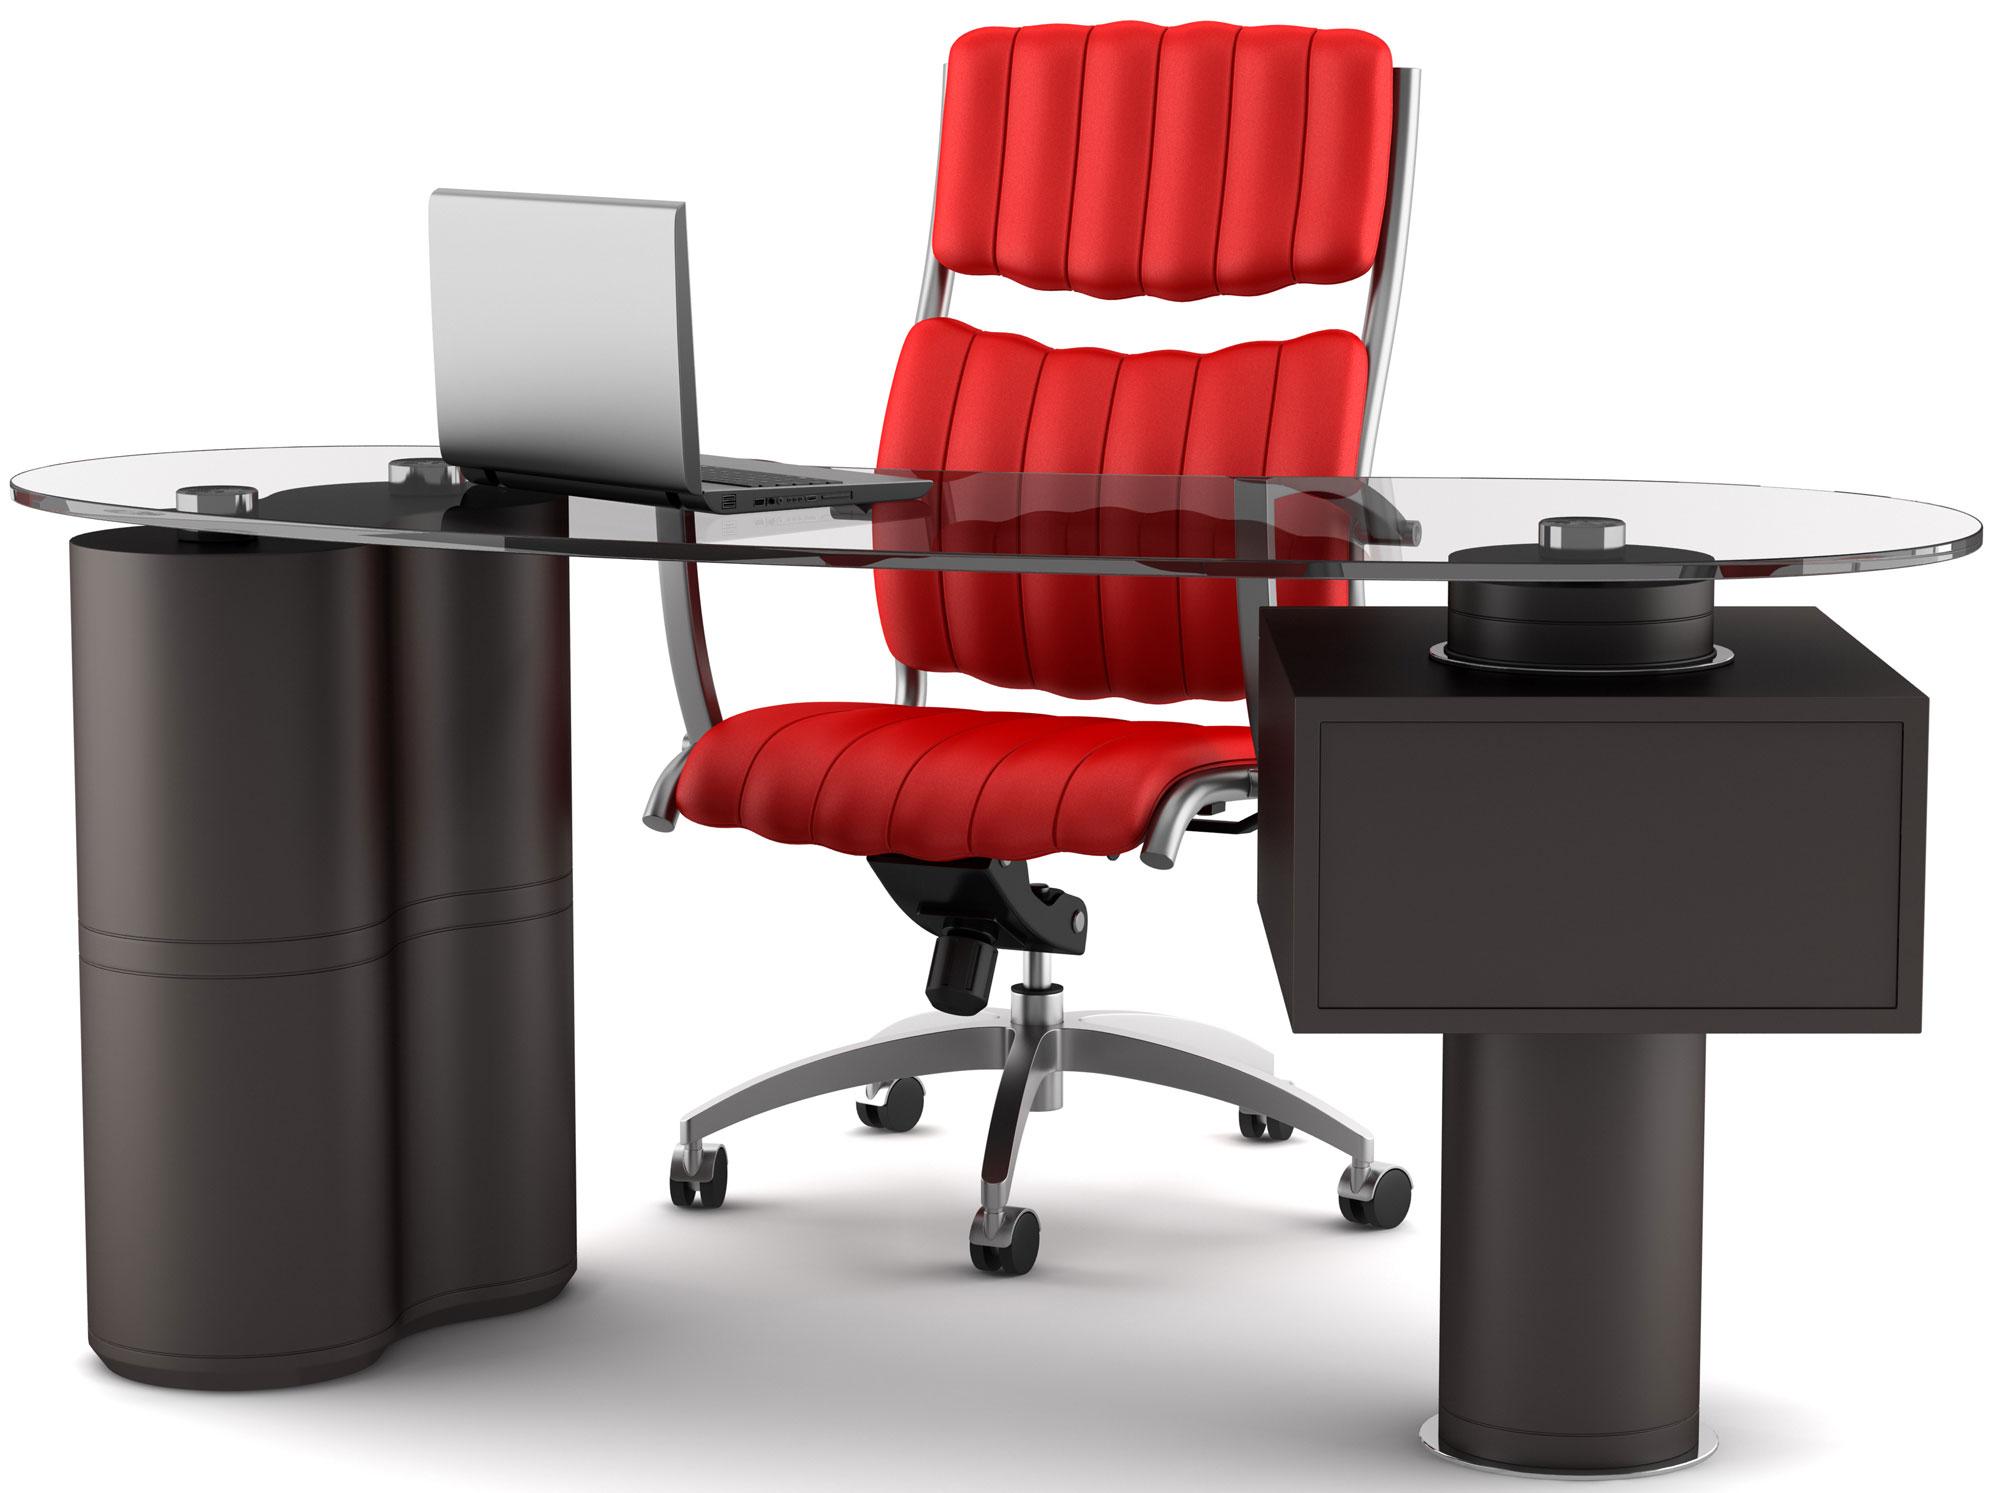 Cu scaunul potrivit orice colt al casei poate deveni birou